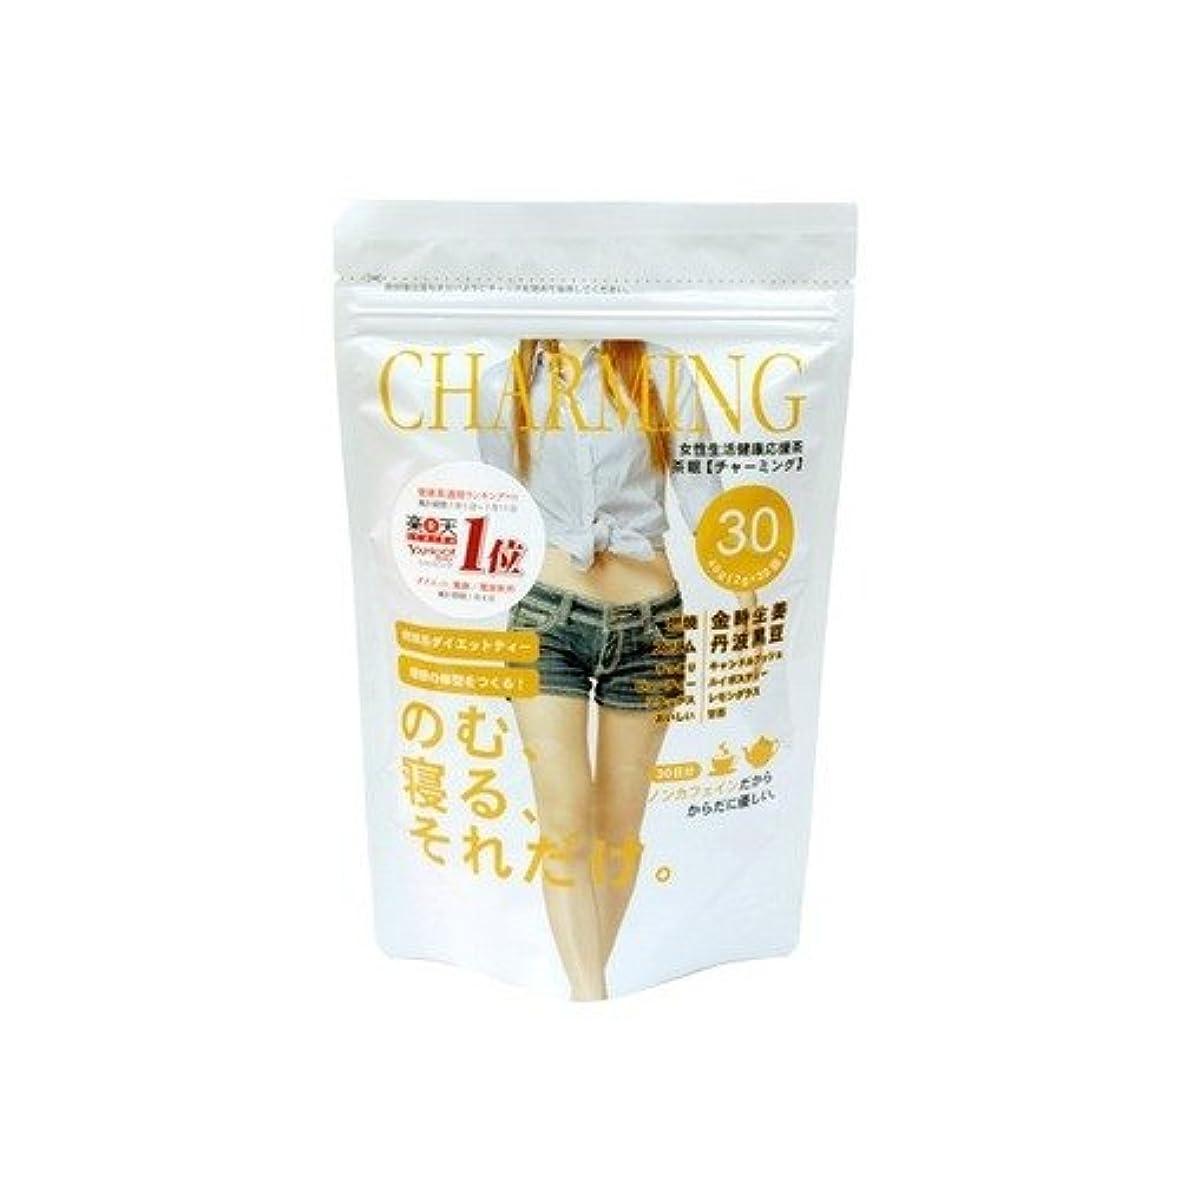 マトロン蓮全国★ 茶眠(チャーミング) 30包 CHARMING